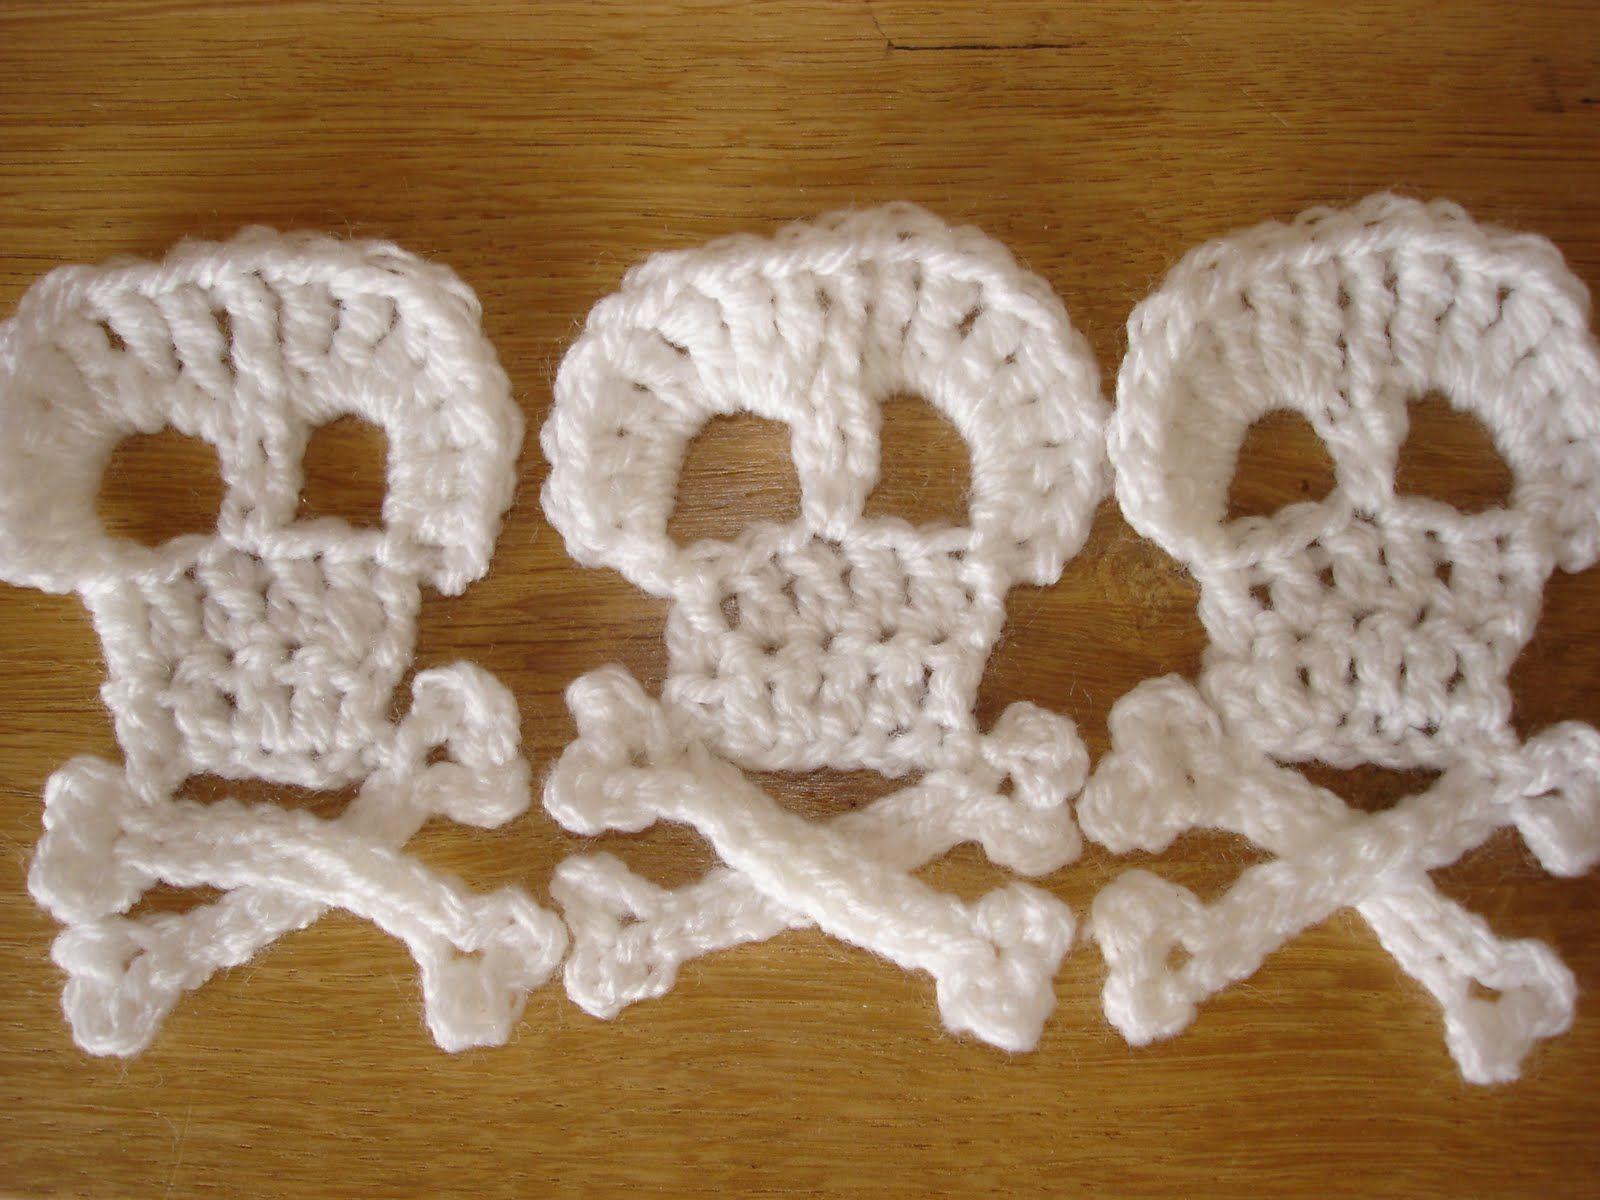 Crochet Skull Blanket Pattern   steel & stitch: Crochet pirate ...